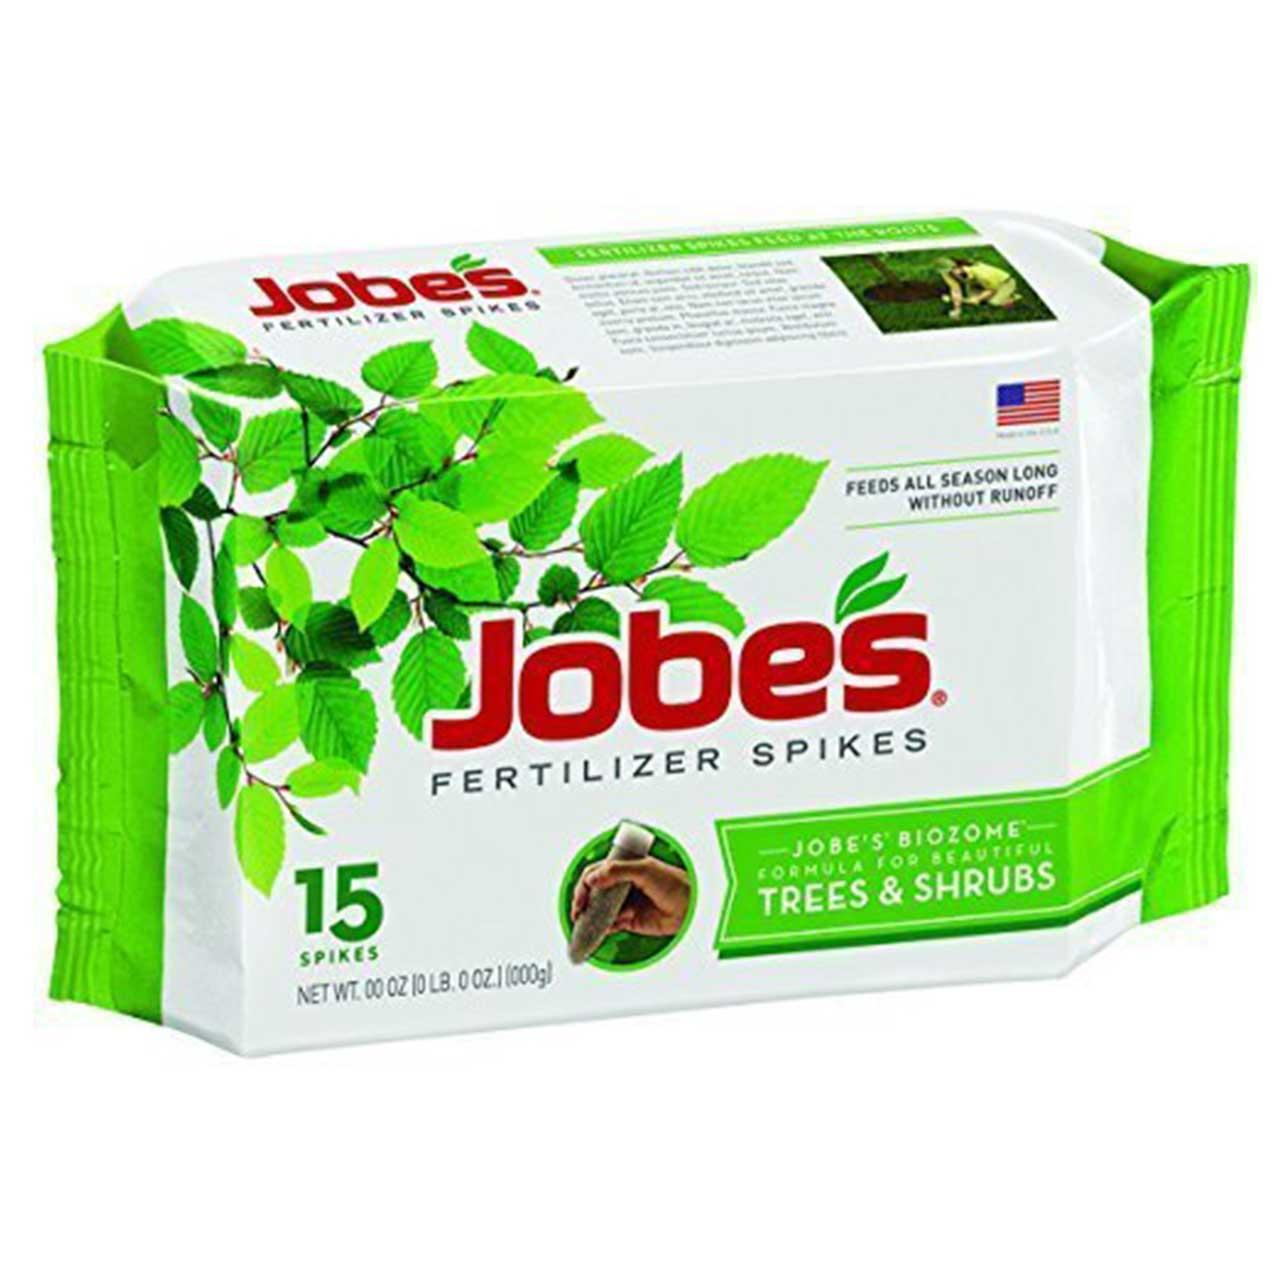 Jobes Fertilizer Spikes